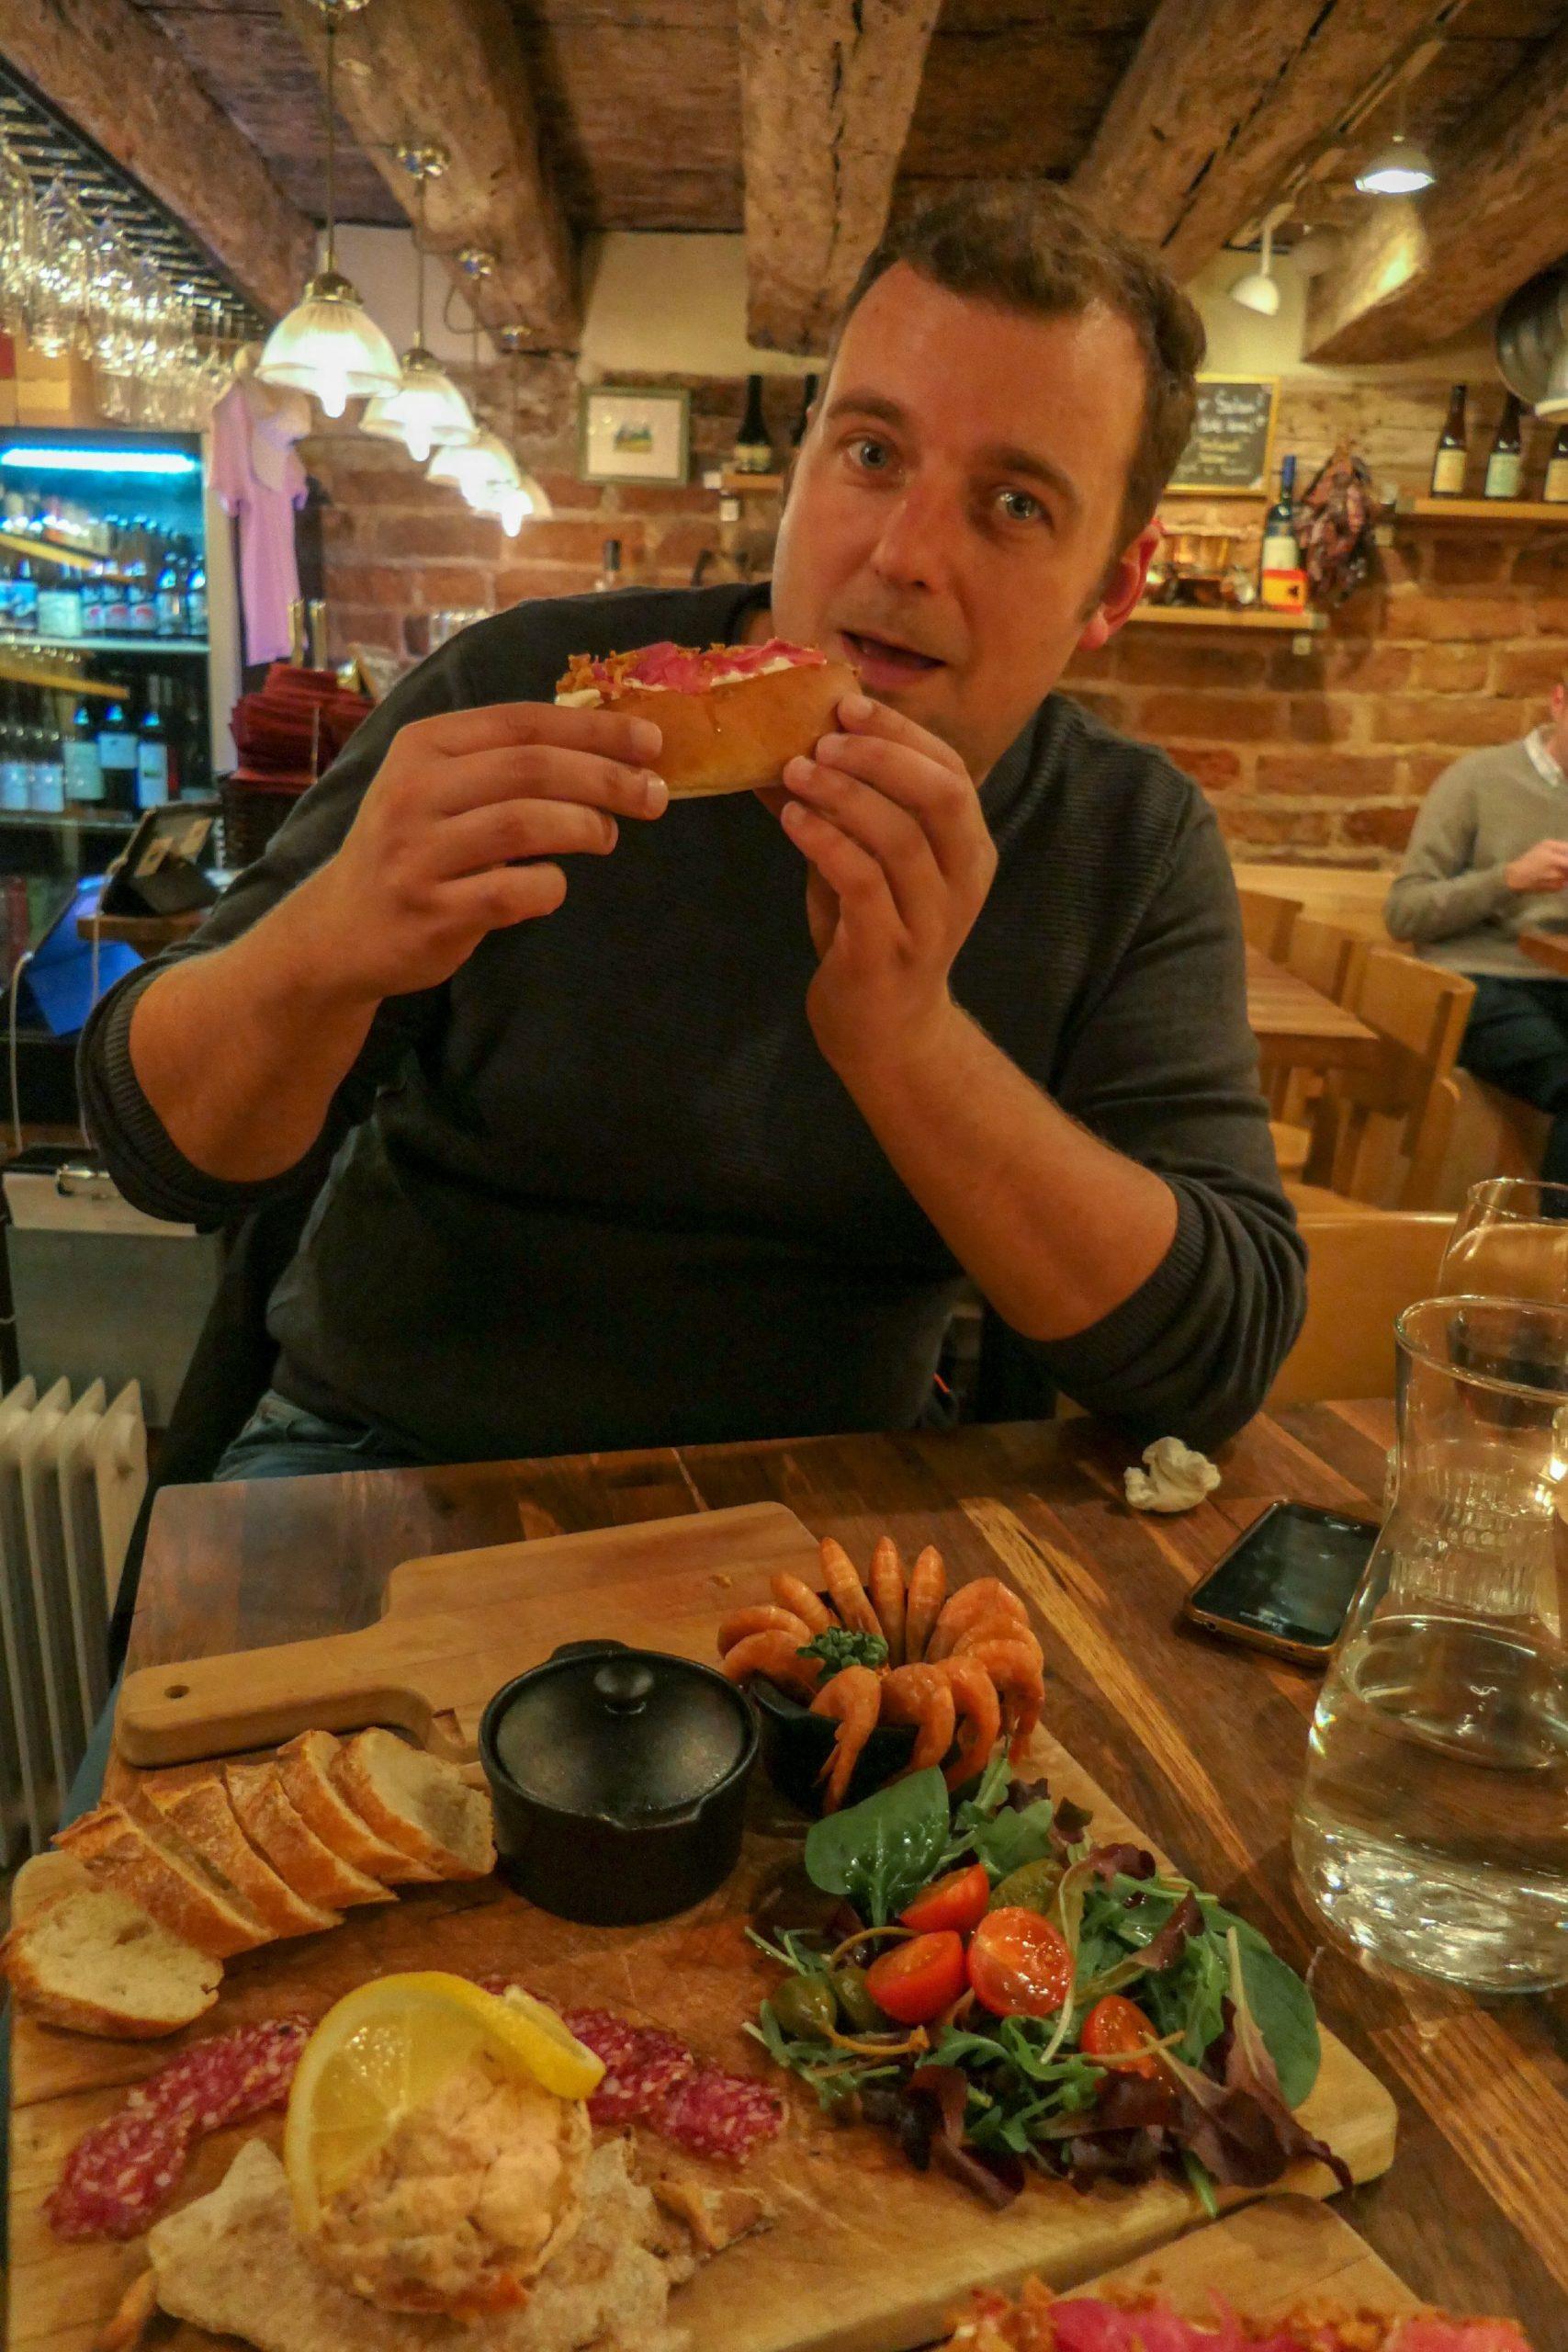 Stockholm Schweden Städtetrip Restaurant The Hairy Pig Deli Gamla Stan Abendessen Wildschwein Hot Dog